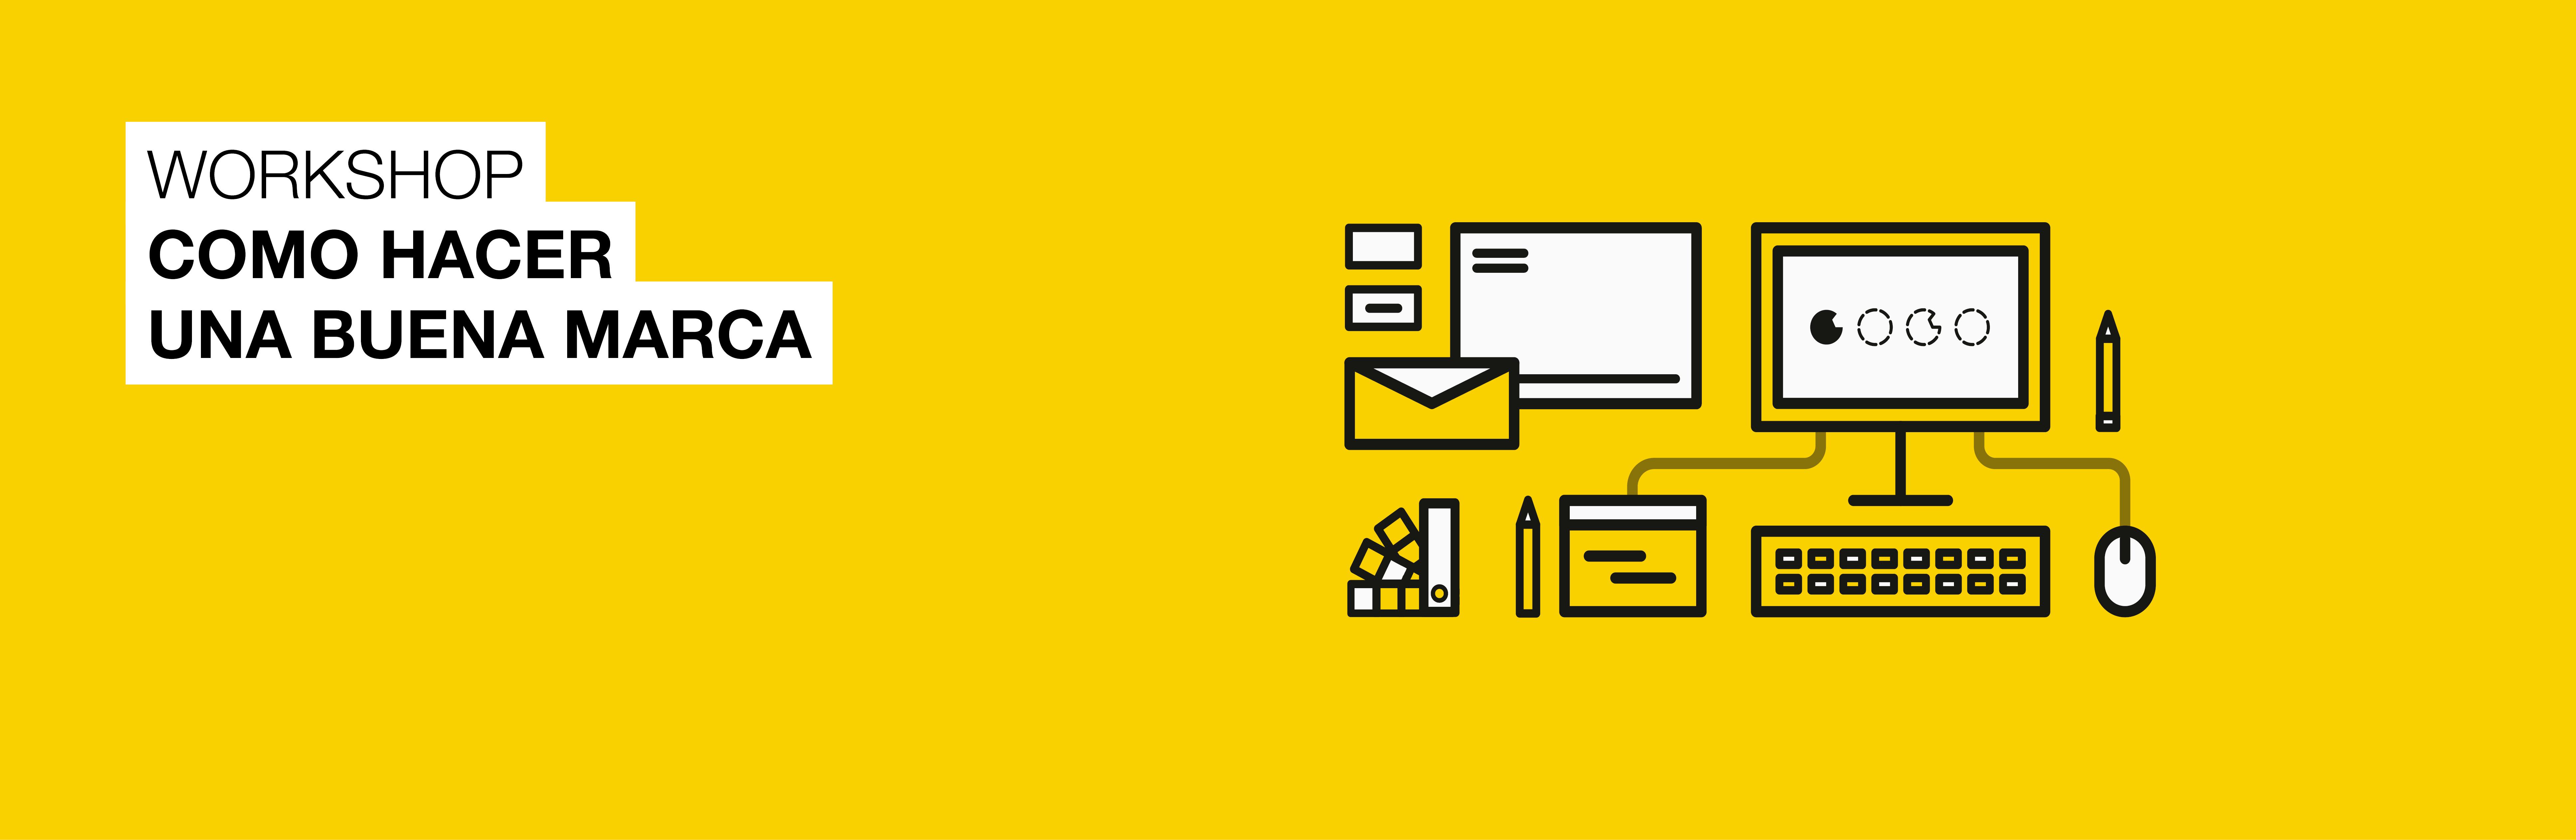 workshop-como-hacer-una-buena-marca